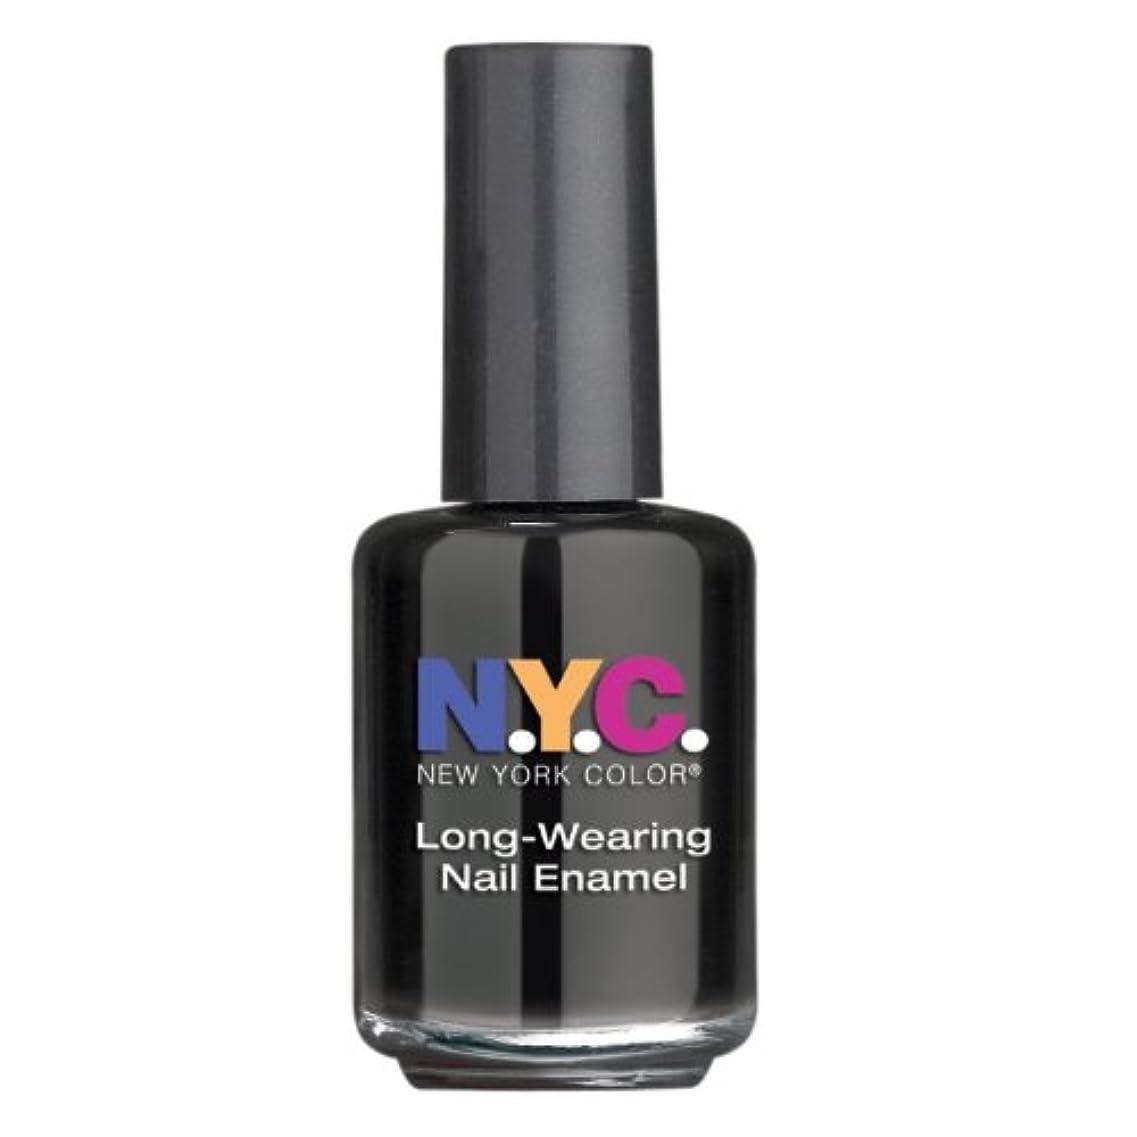 残酷ニックネームステッチNYC Long Wearing Nail Enamel - Black Lace Creme (並行輸入品)